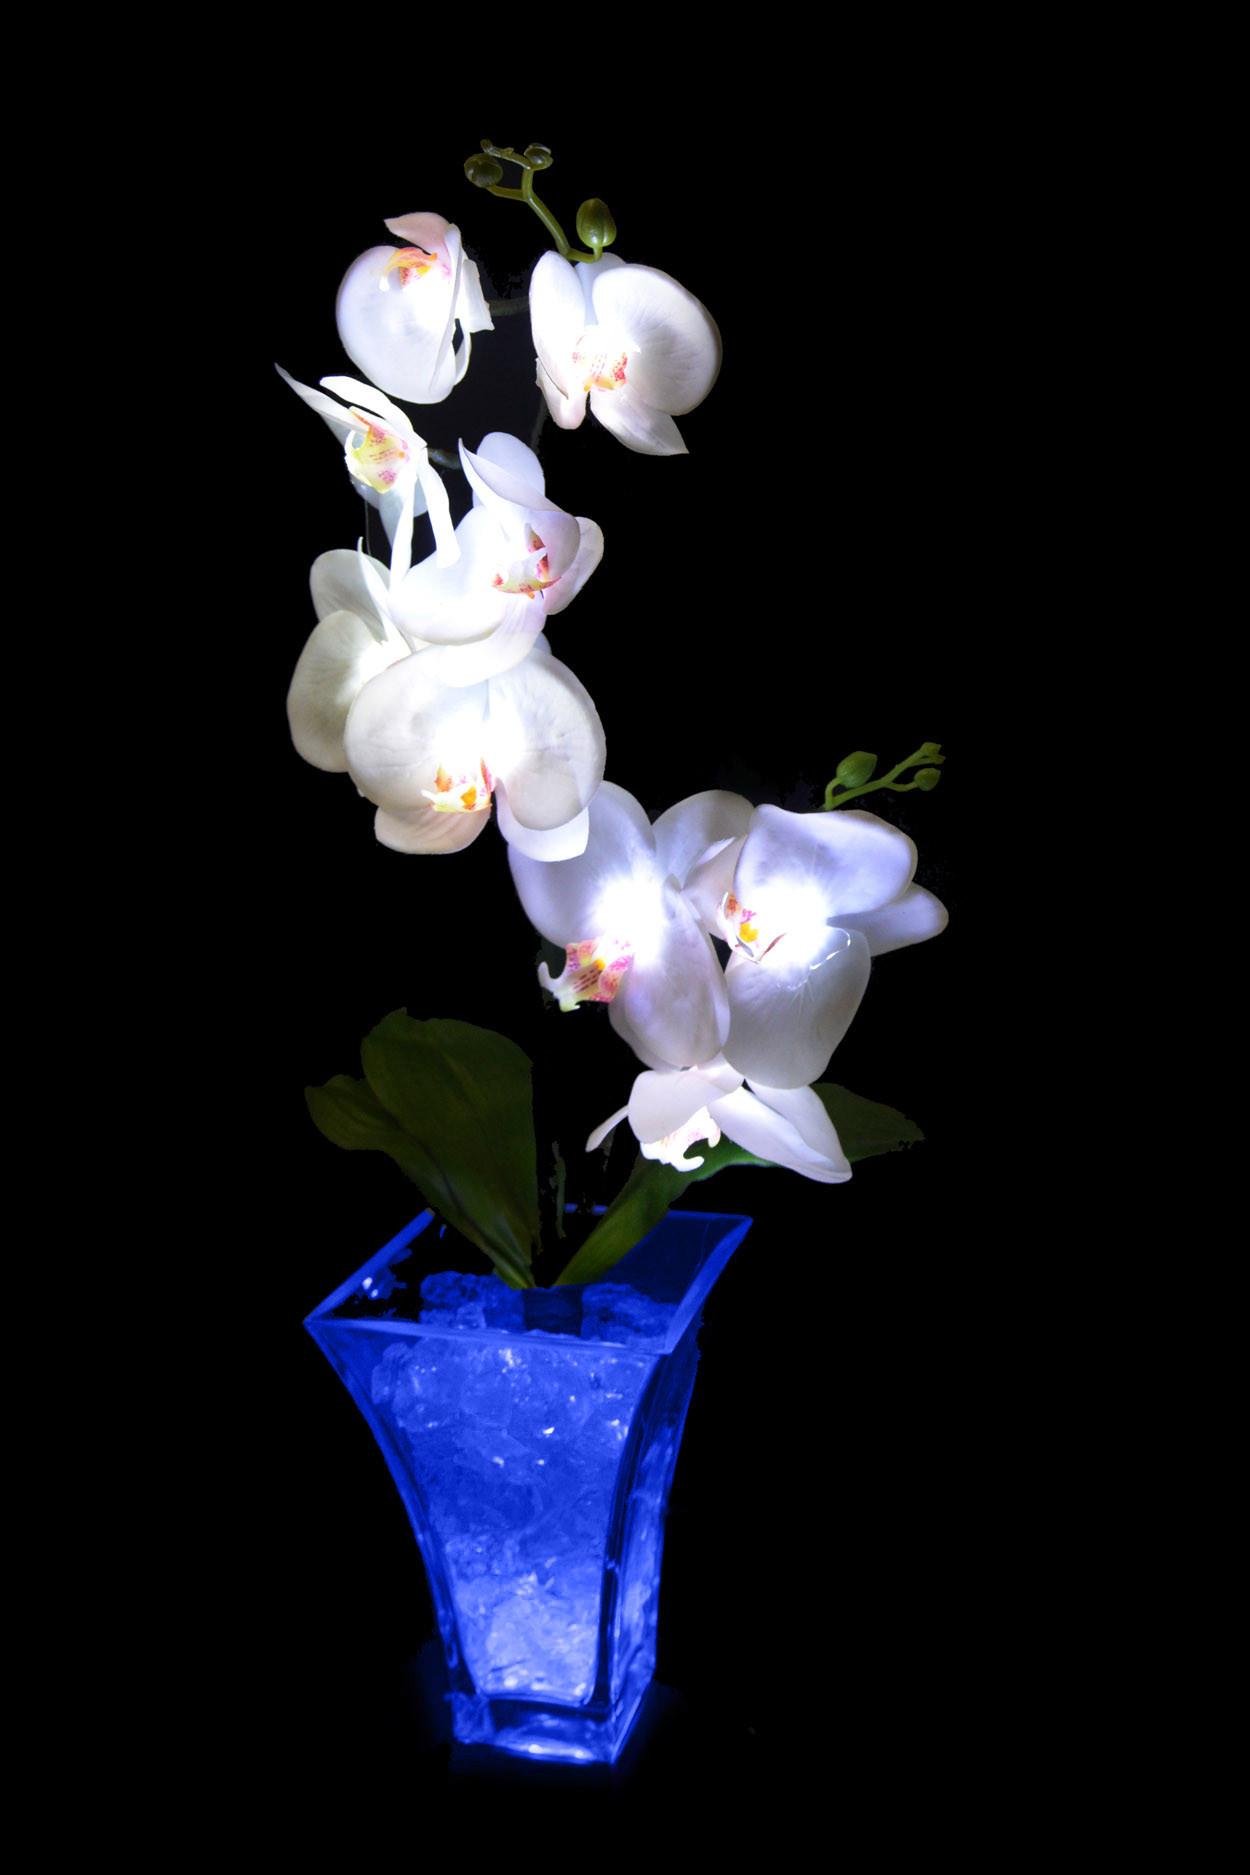 Светильник Орхидея белый(син) 9 цветков